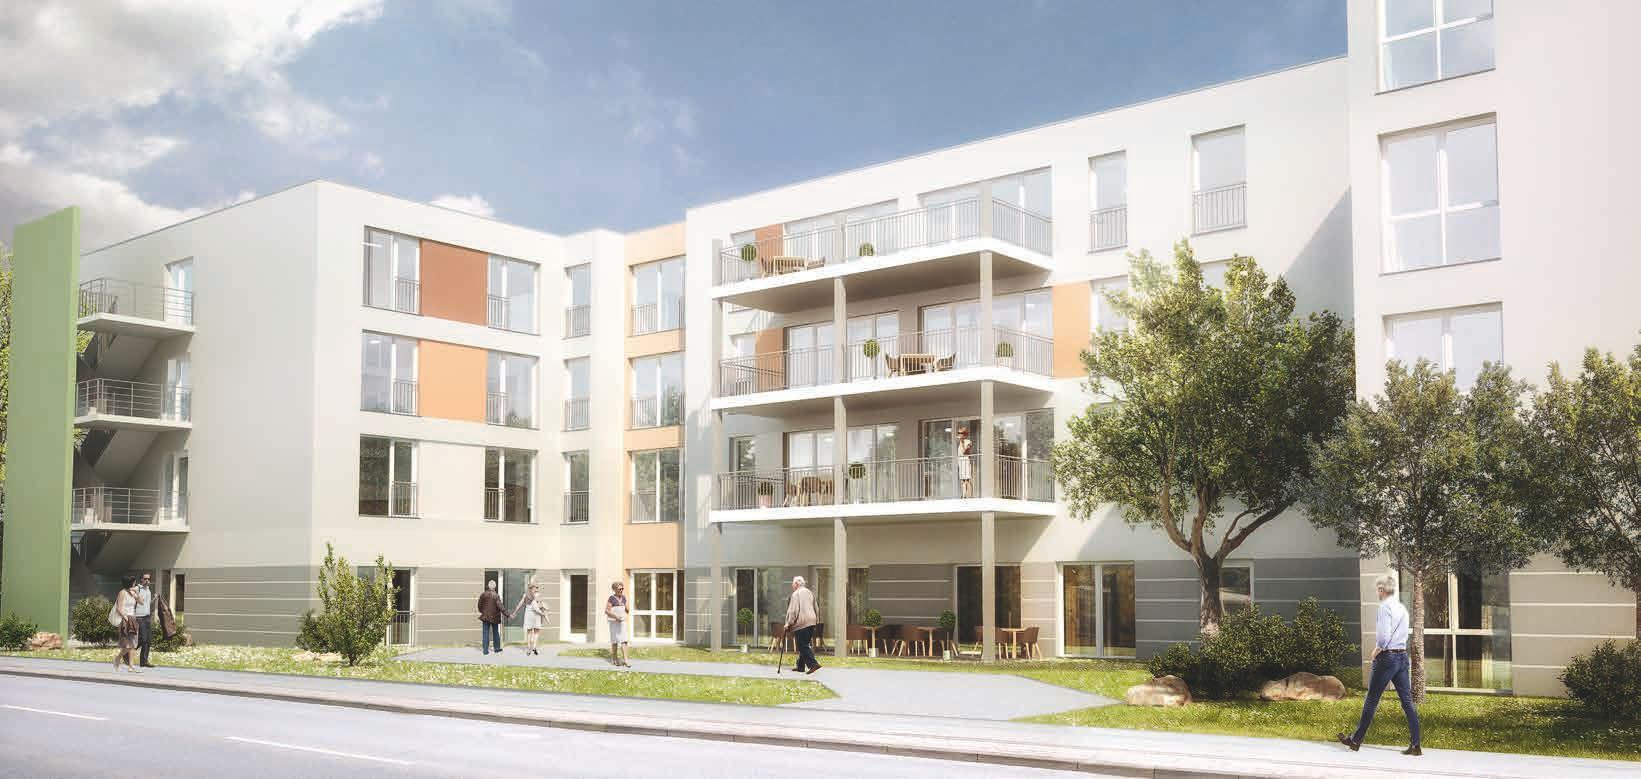 Pflegeimmobilie Seniorenpark Sandkrug Hatten-Oldenburg